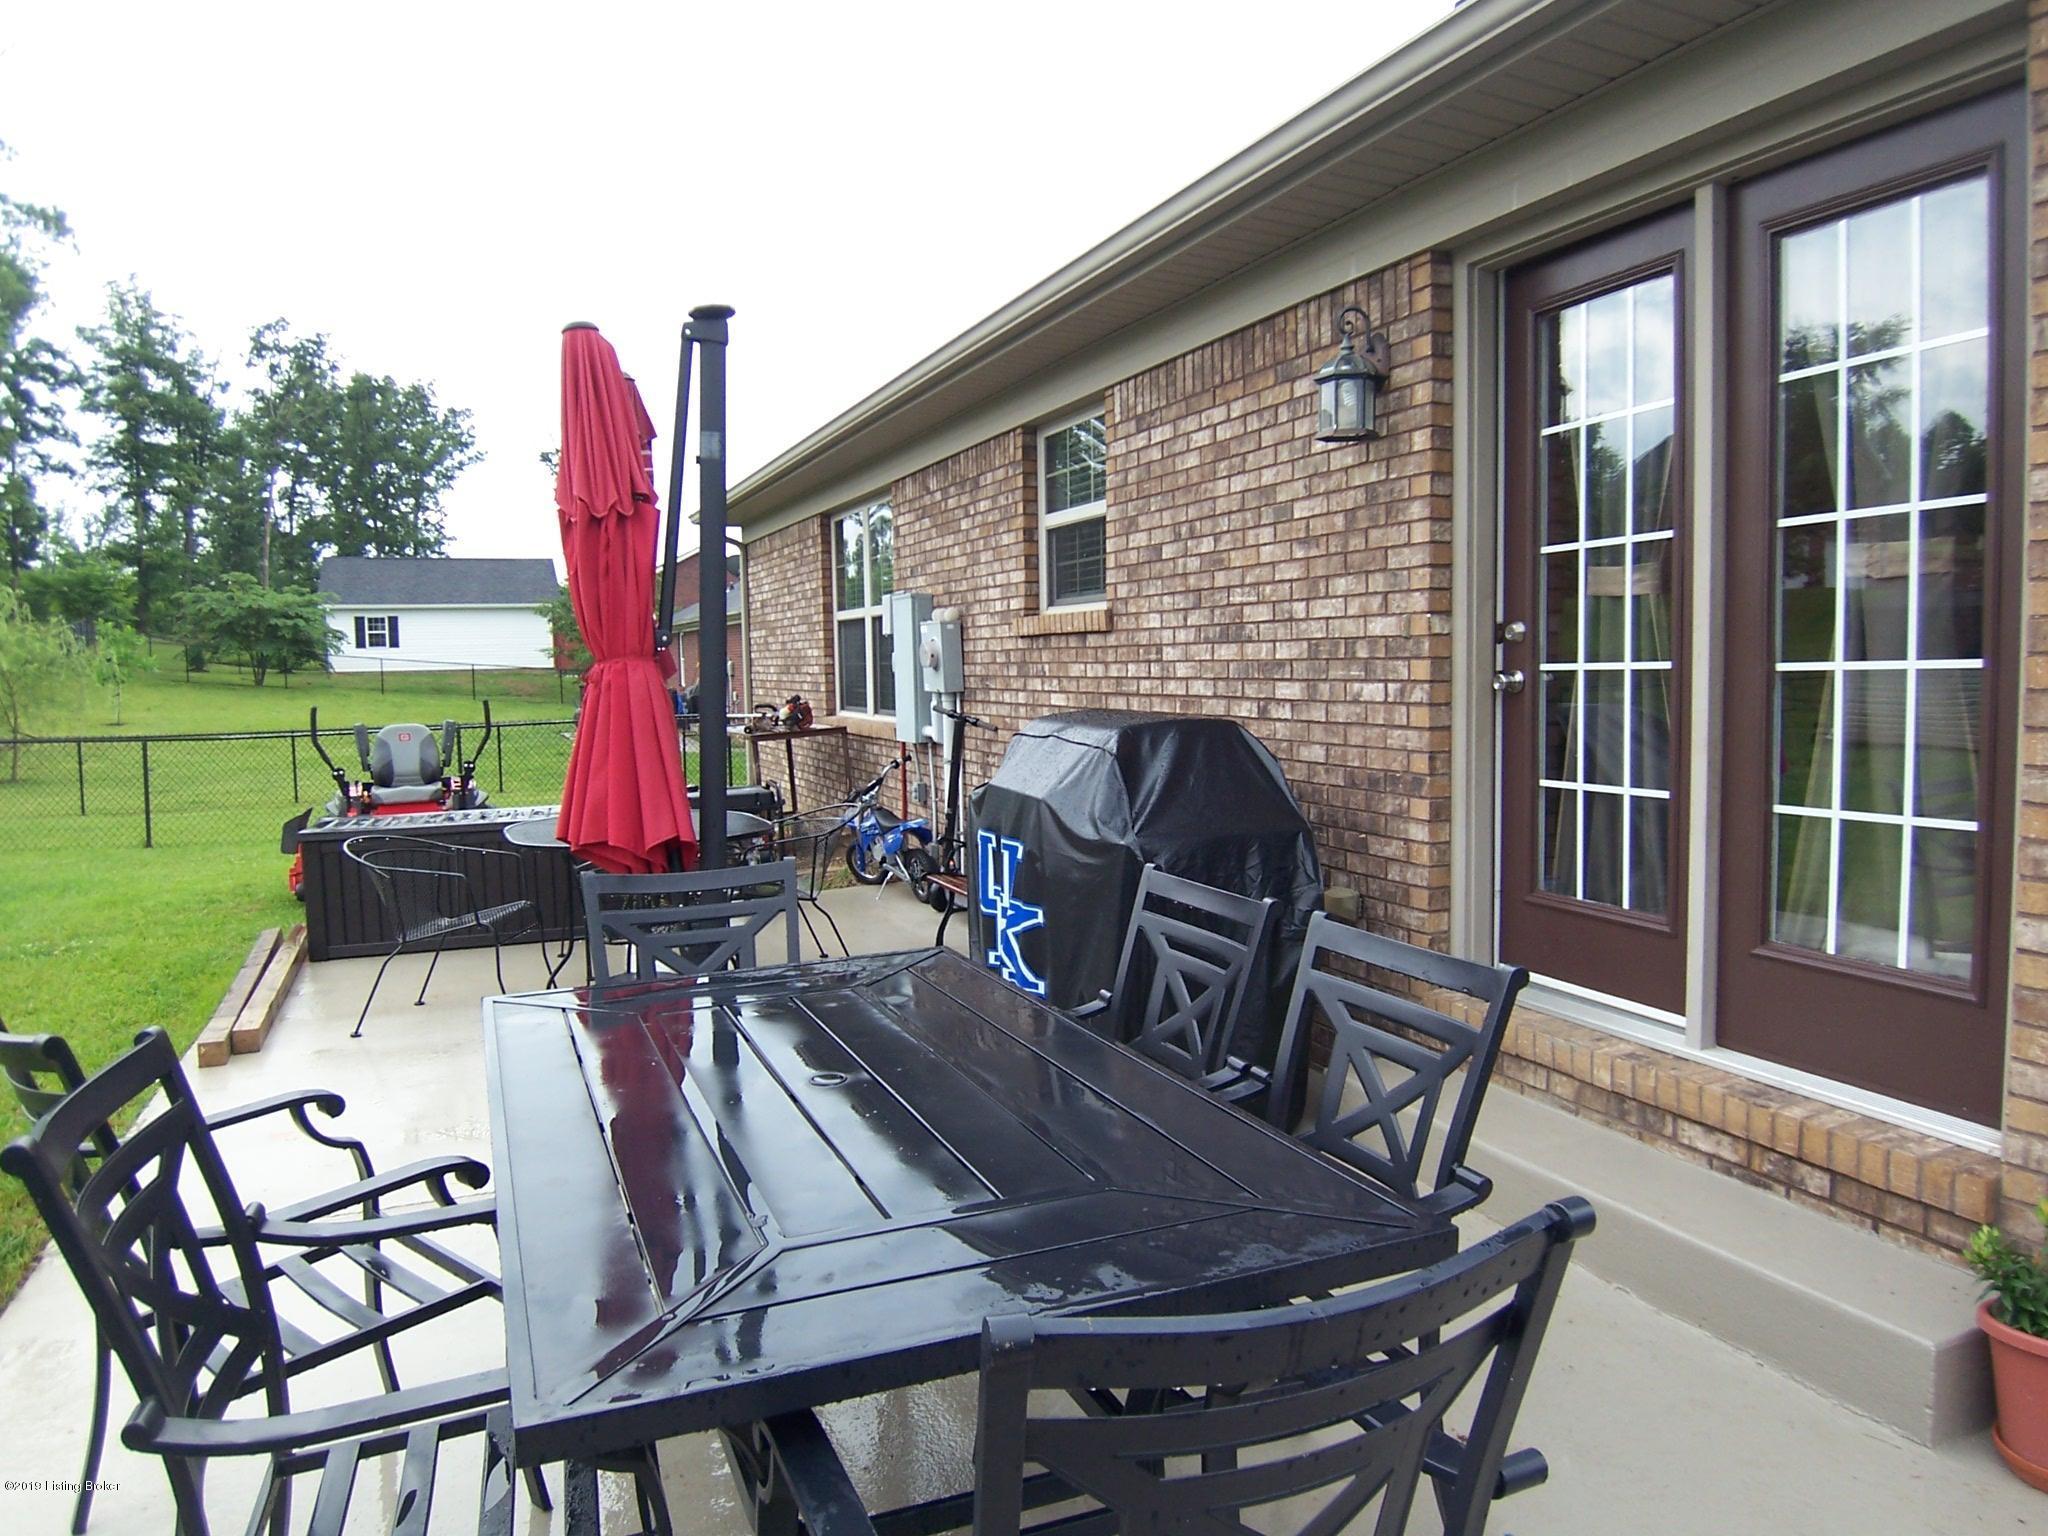 179 Peabody Loop, Coxs Creek, Kentucky 40013, 3 Bedrooms Bedrooms, 5 Rooms Rooms,2 BathroomsBathrooms,Residential,For Sale,Peabody Loop,1533986